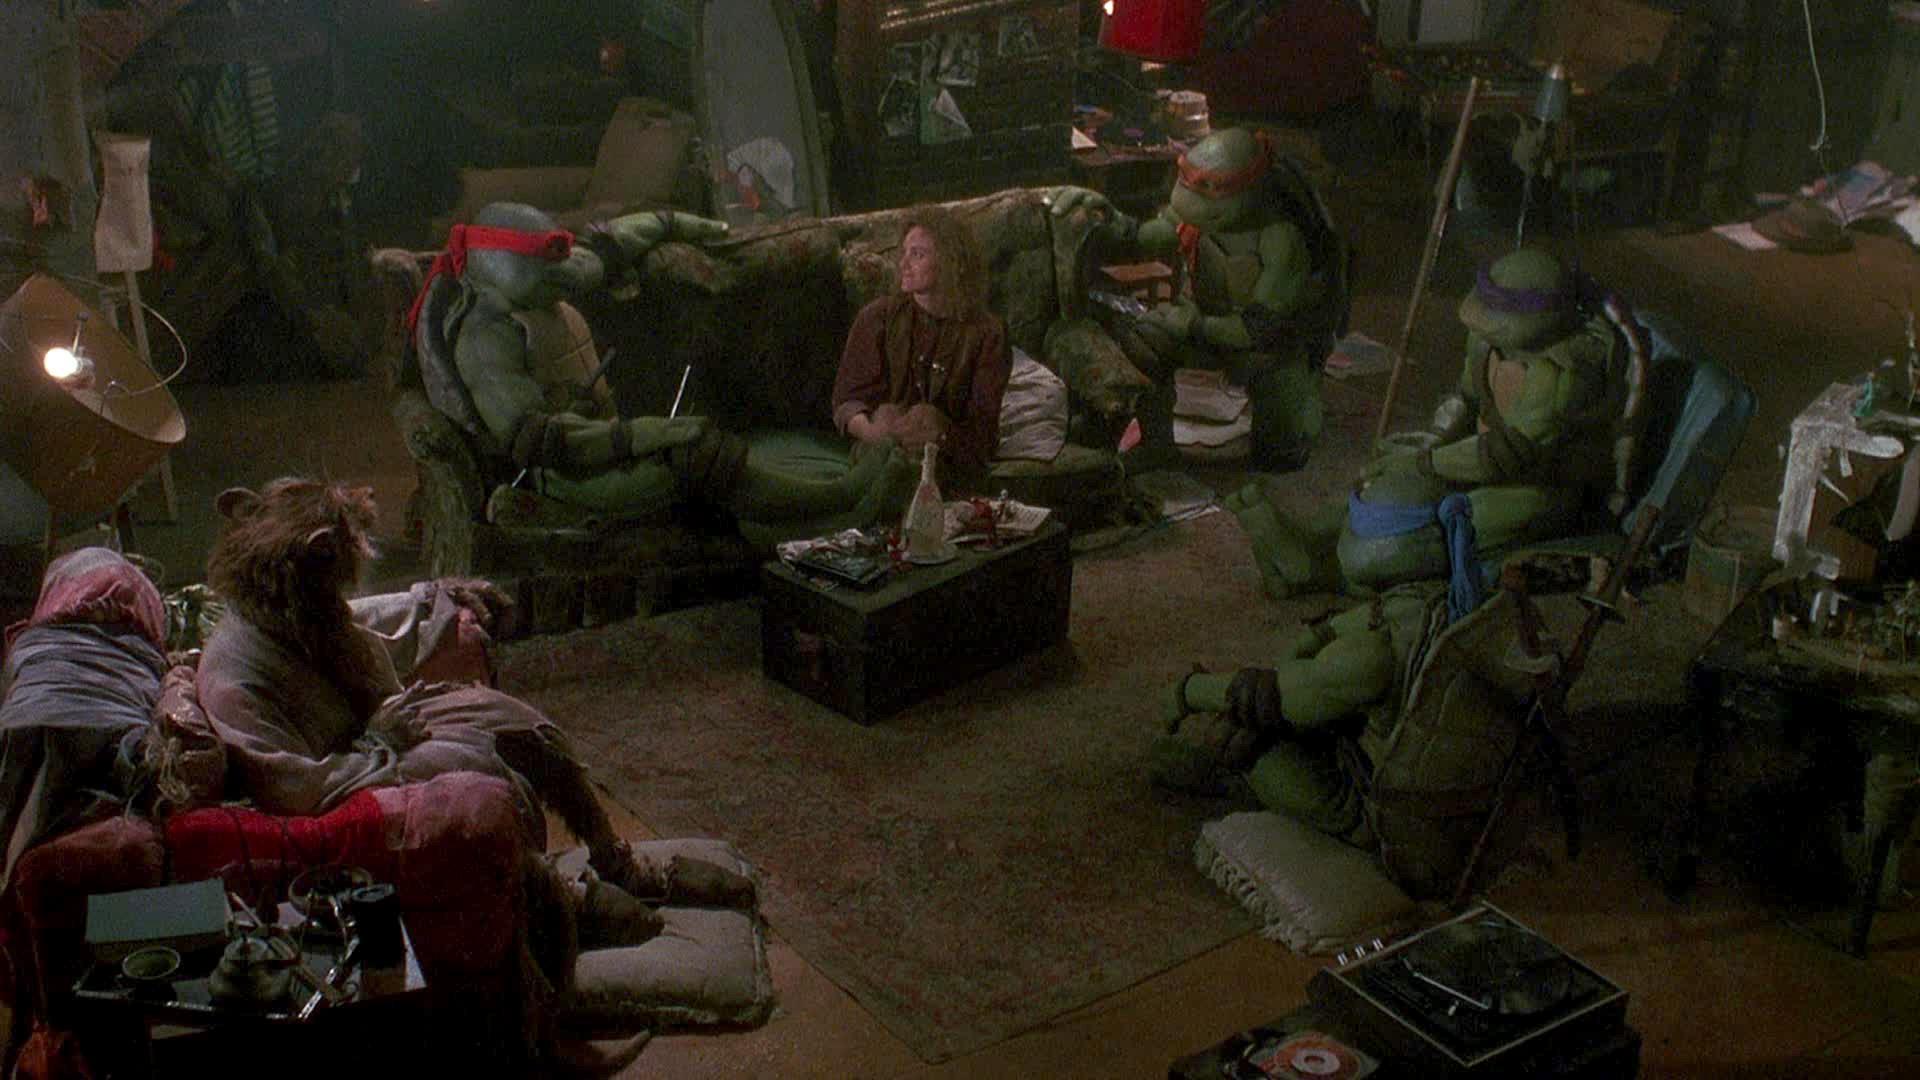 teenage-mutant-ninja-turtles-pic-2